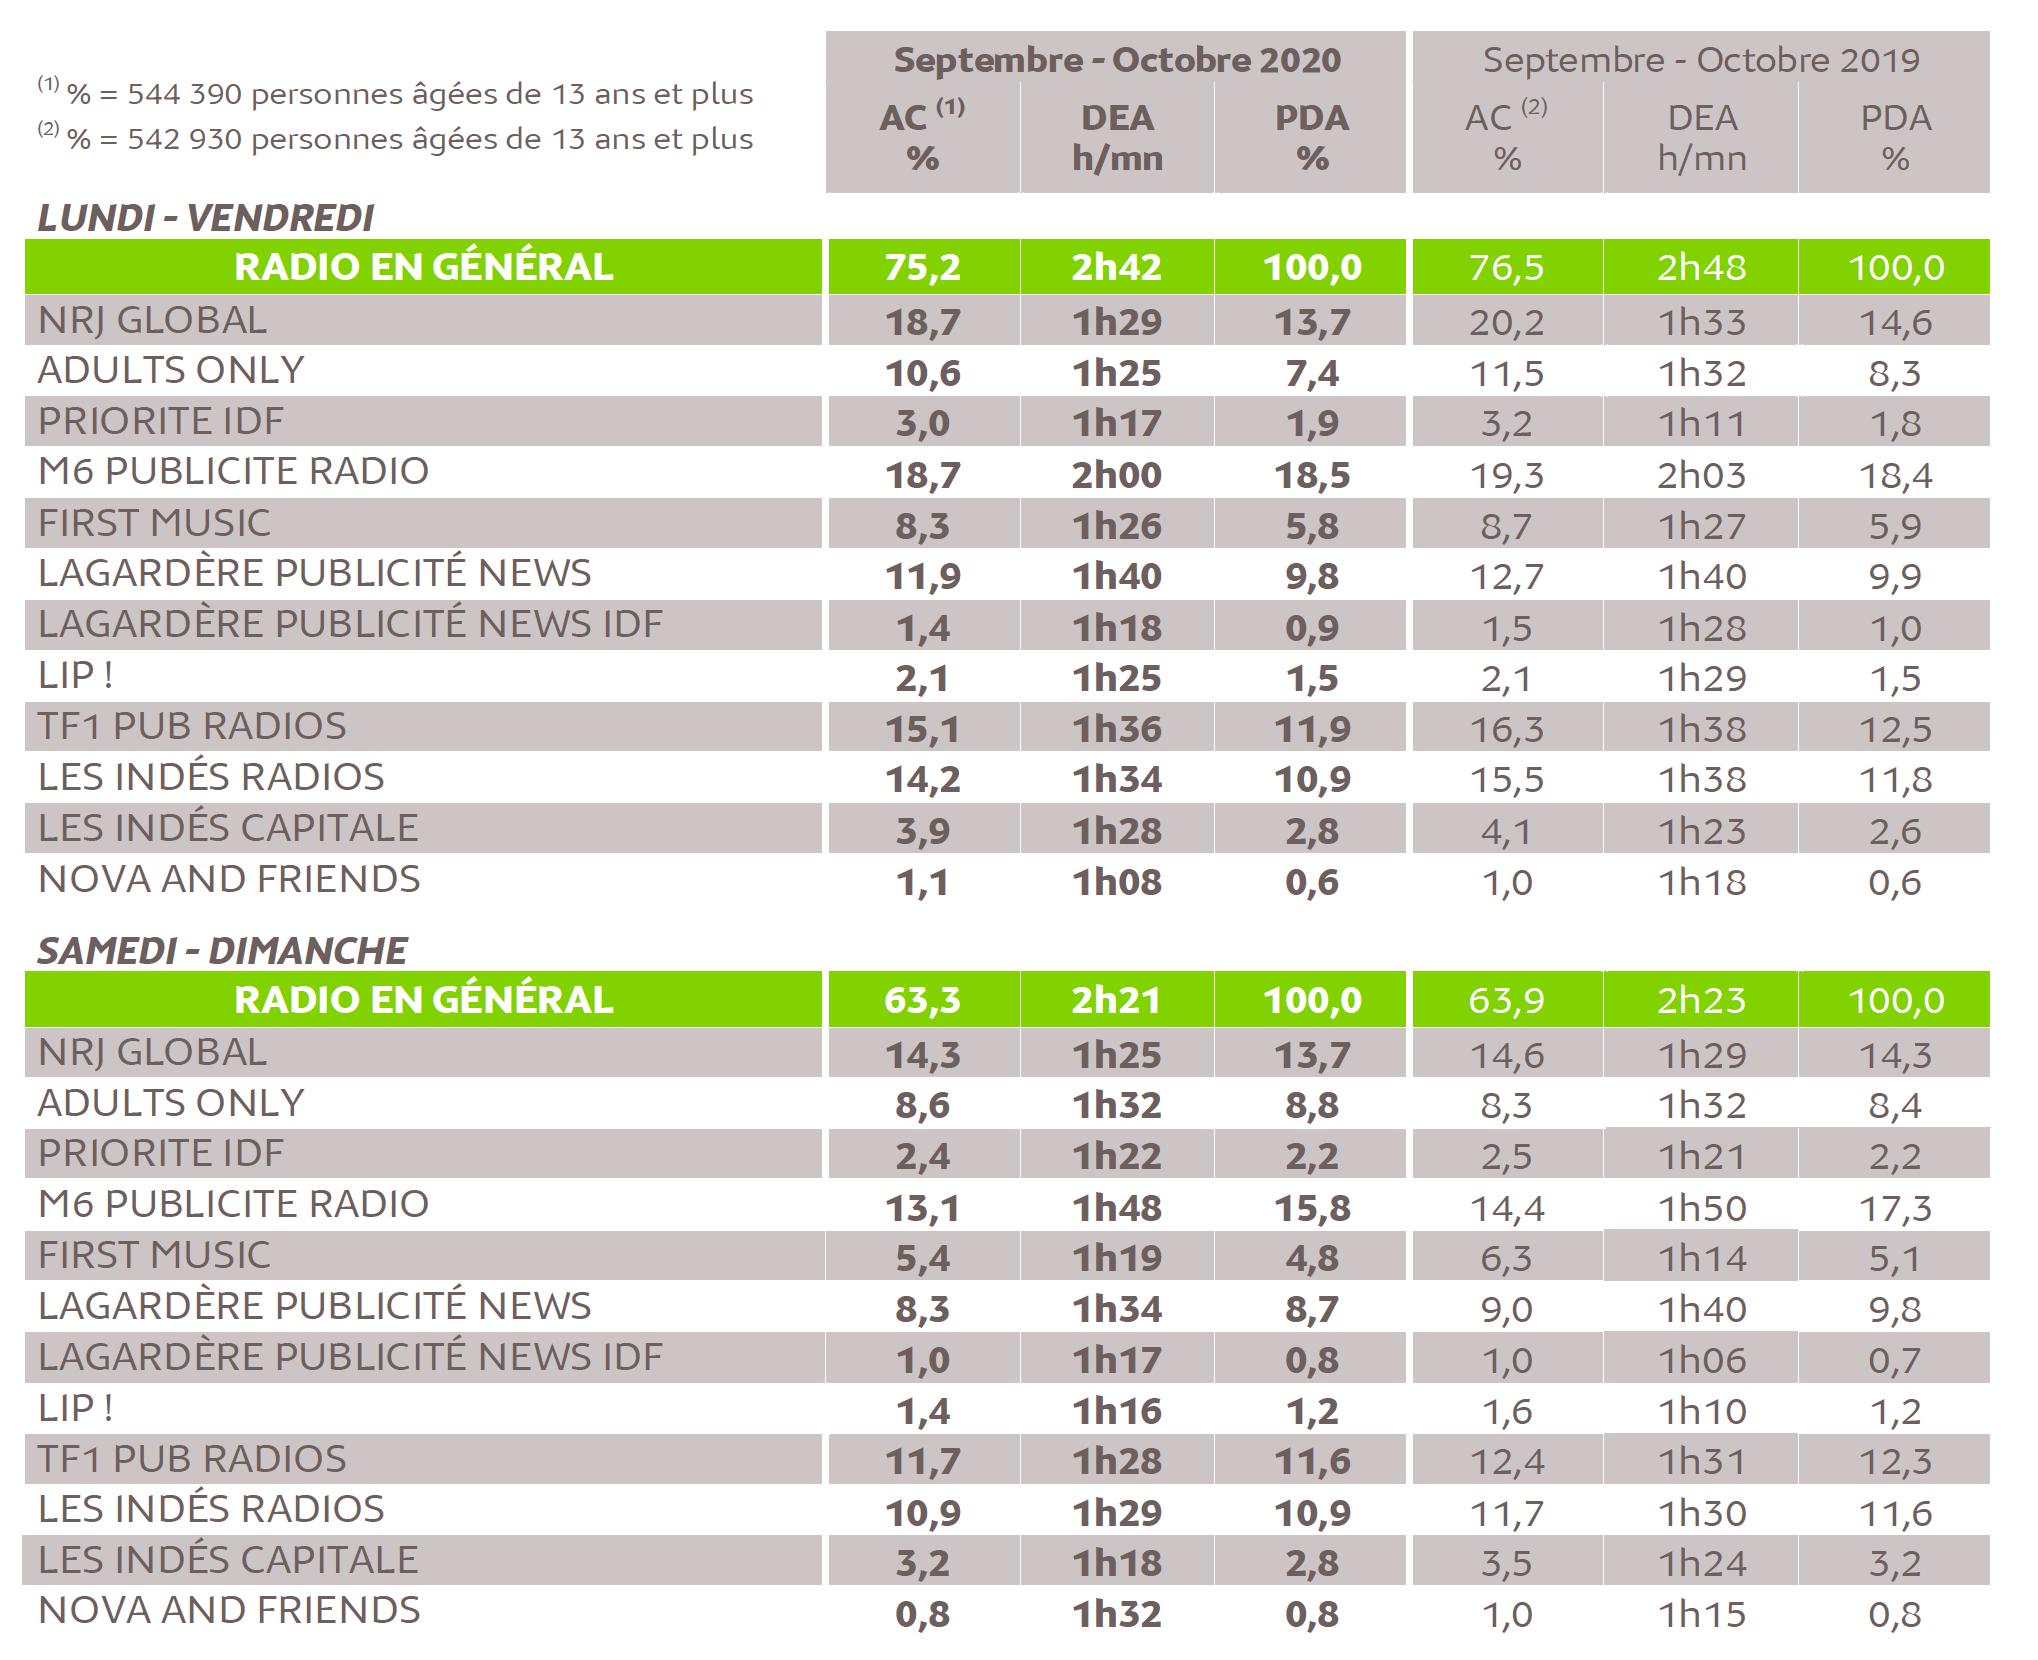 Source : Médiamétrie - 126 000 Radio - Septembre-Octobre 2020 - Ensemble 13 ans et plus - Copyright Médiamétrie - Tous droits réservés